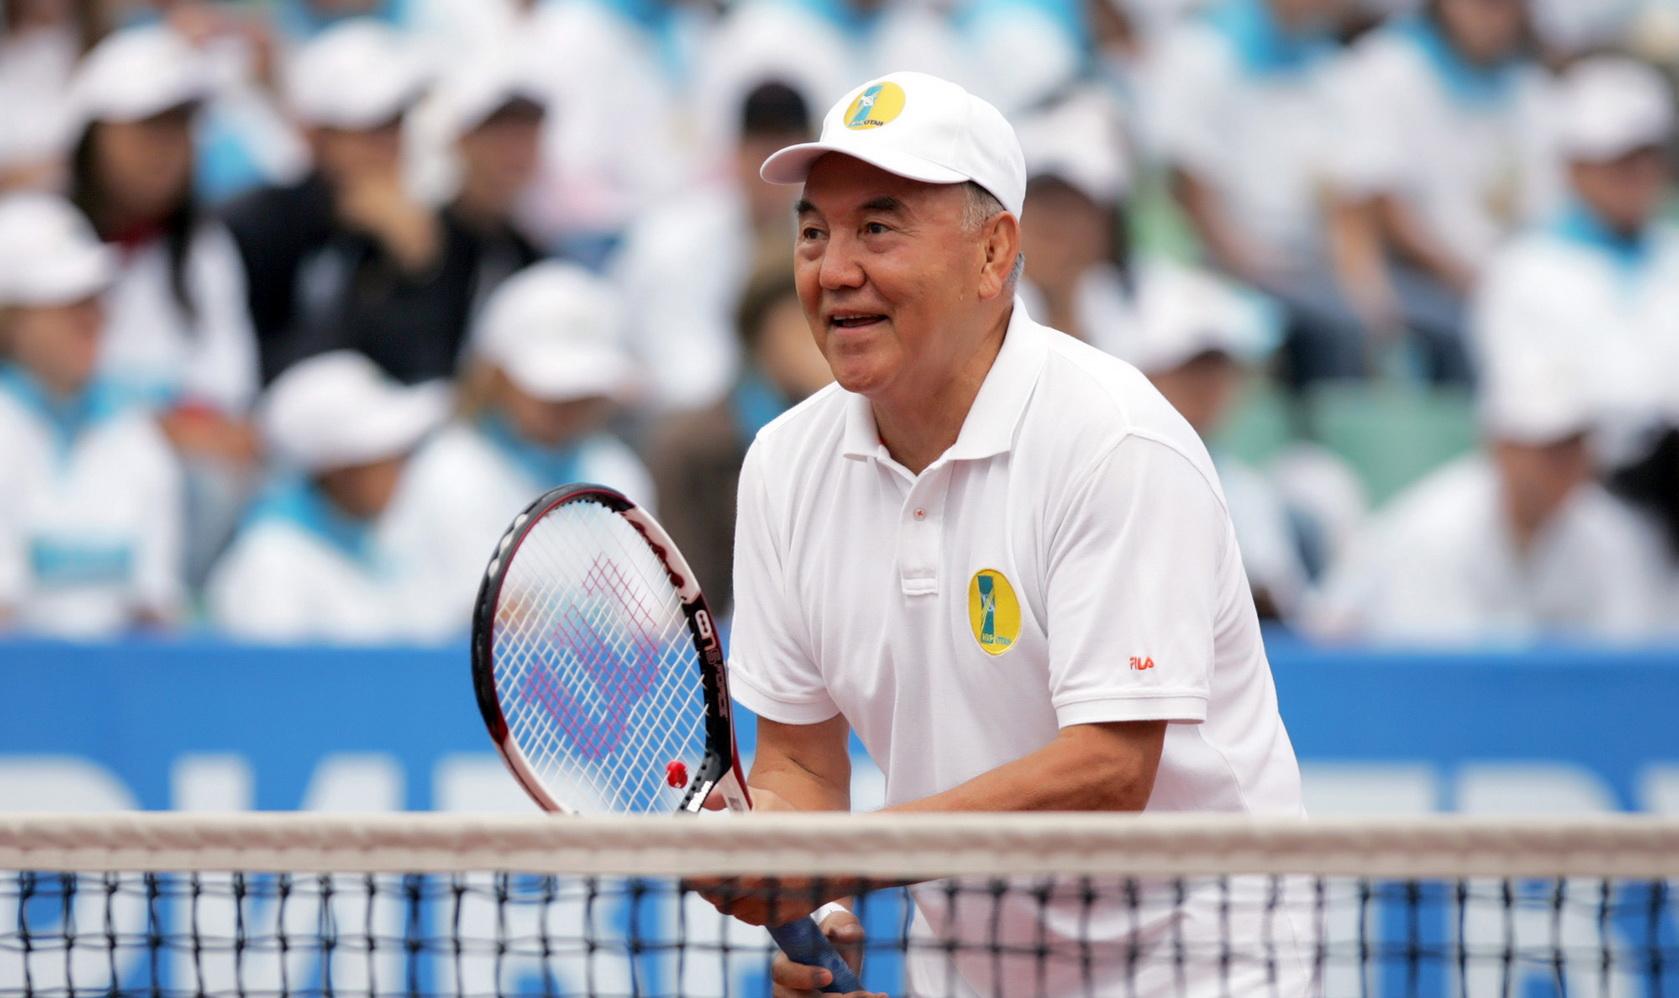 Теннис, гольф және Назарбаев қызығатын өзге бес спорт түрі - на sport.bugin.kz